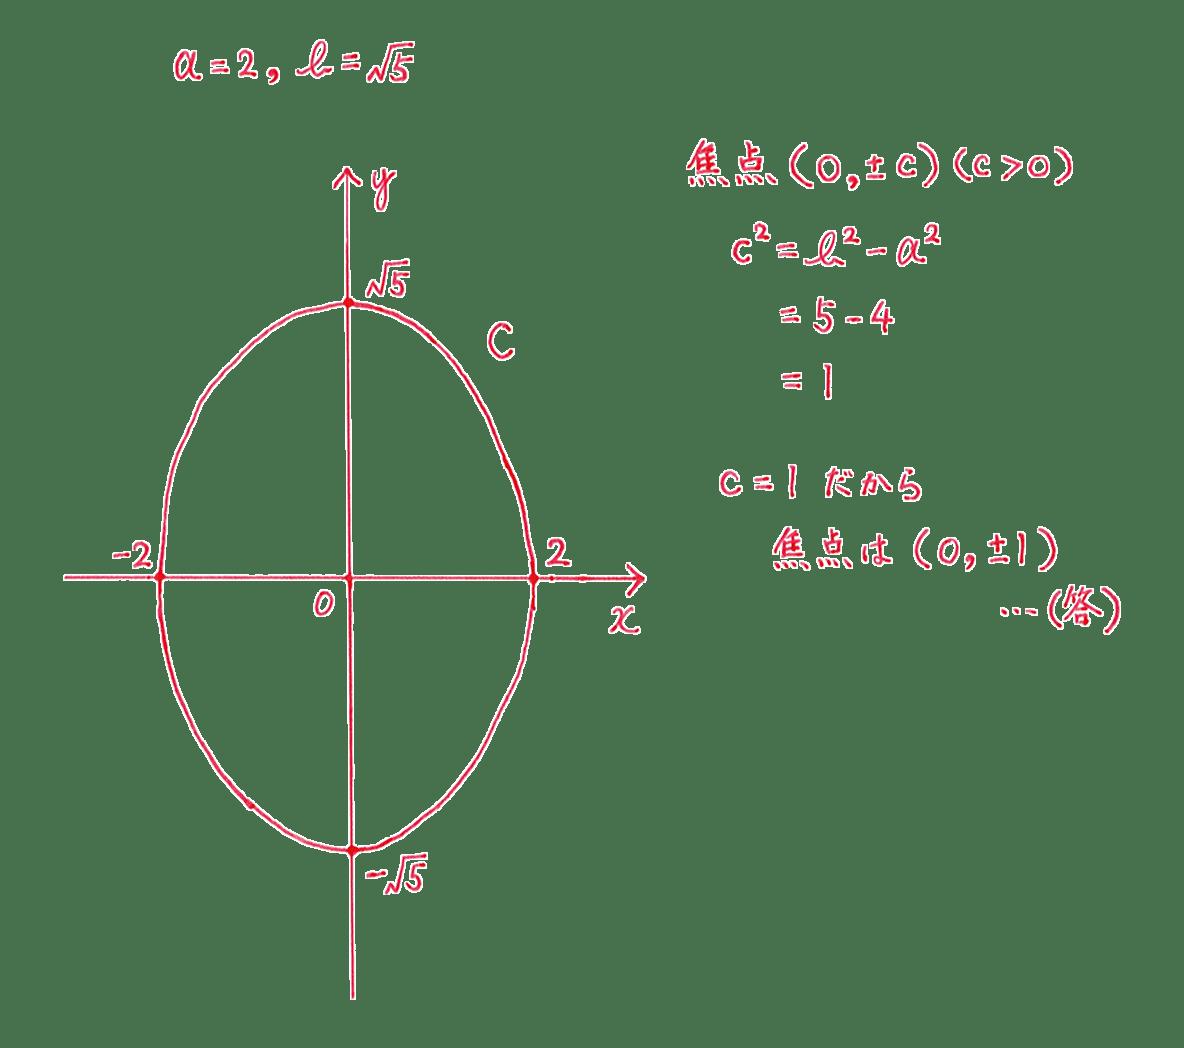 式と曲線7 問題2 解答 図も含むすべて